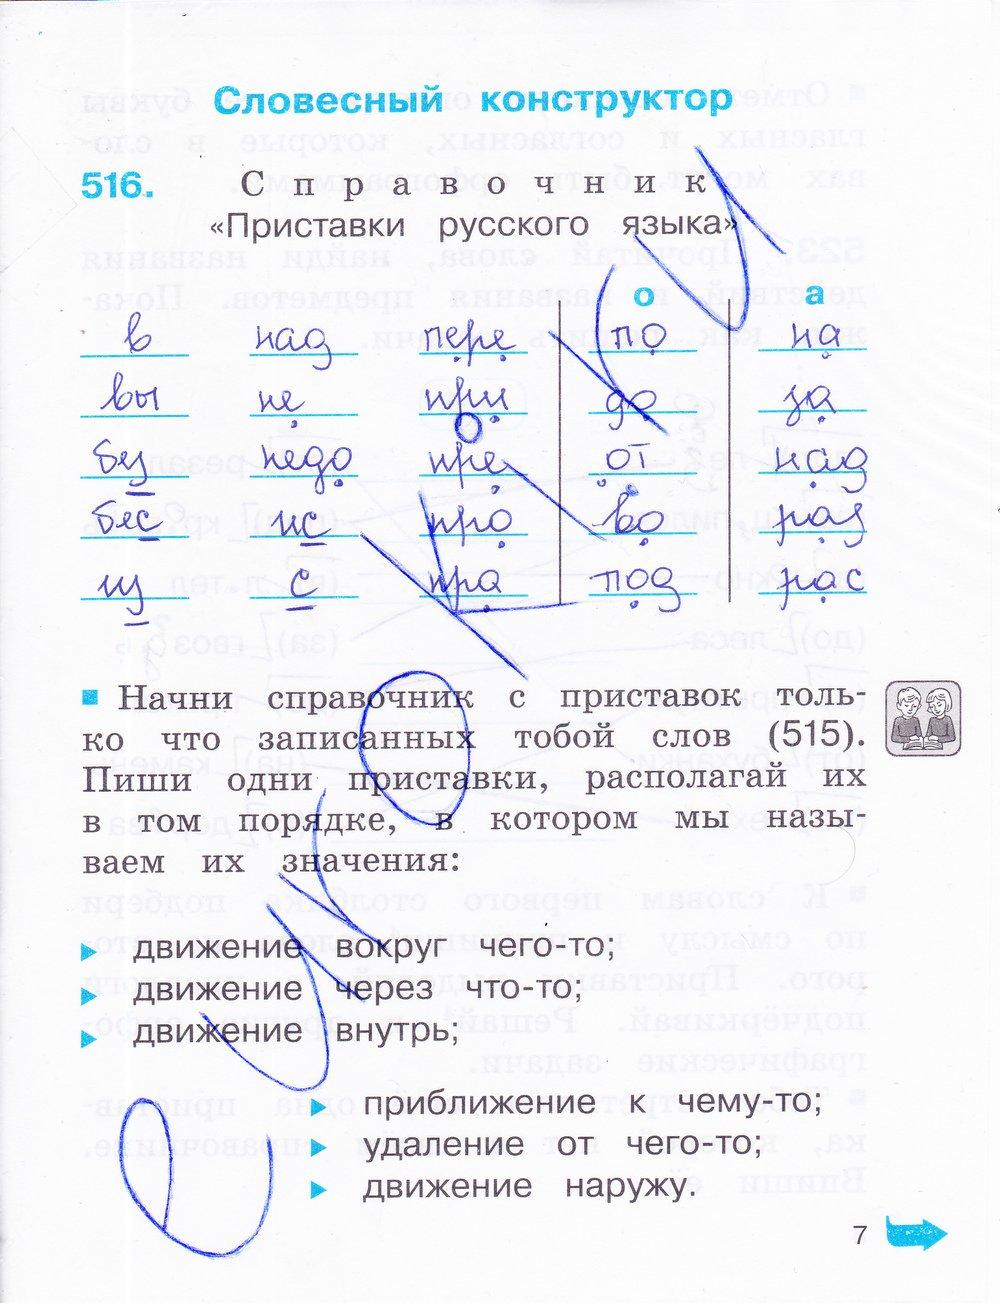 соловейчик русскому кузьменко и класс гдз языку по 2